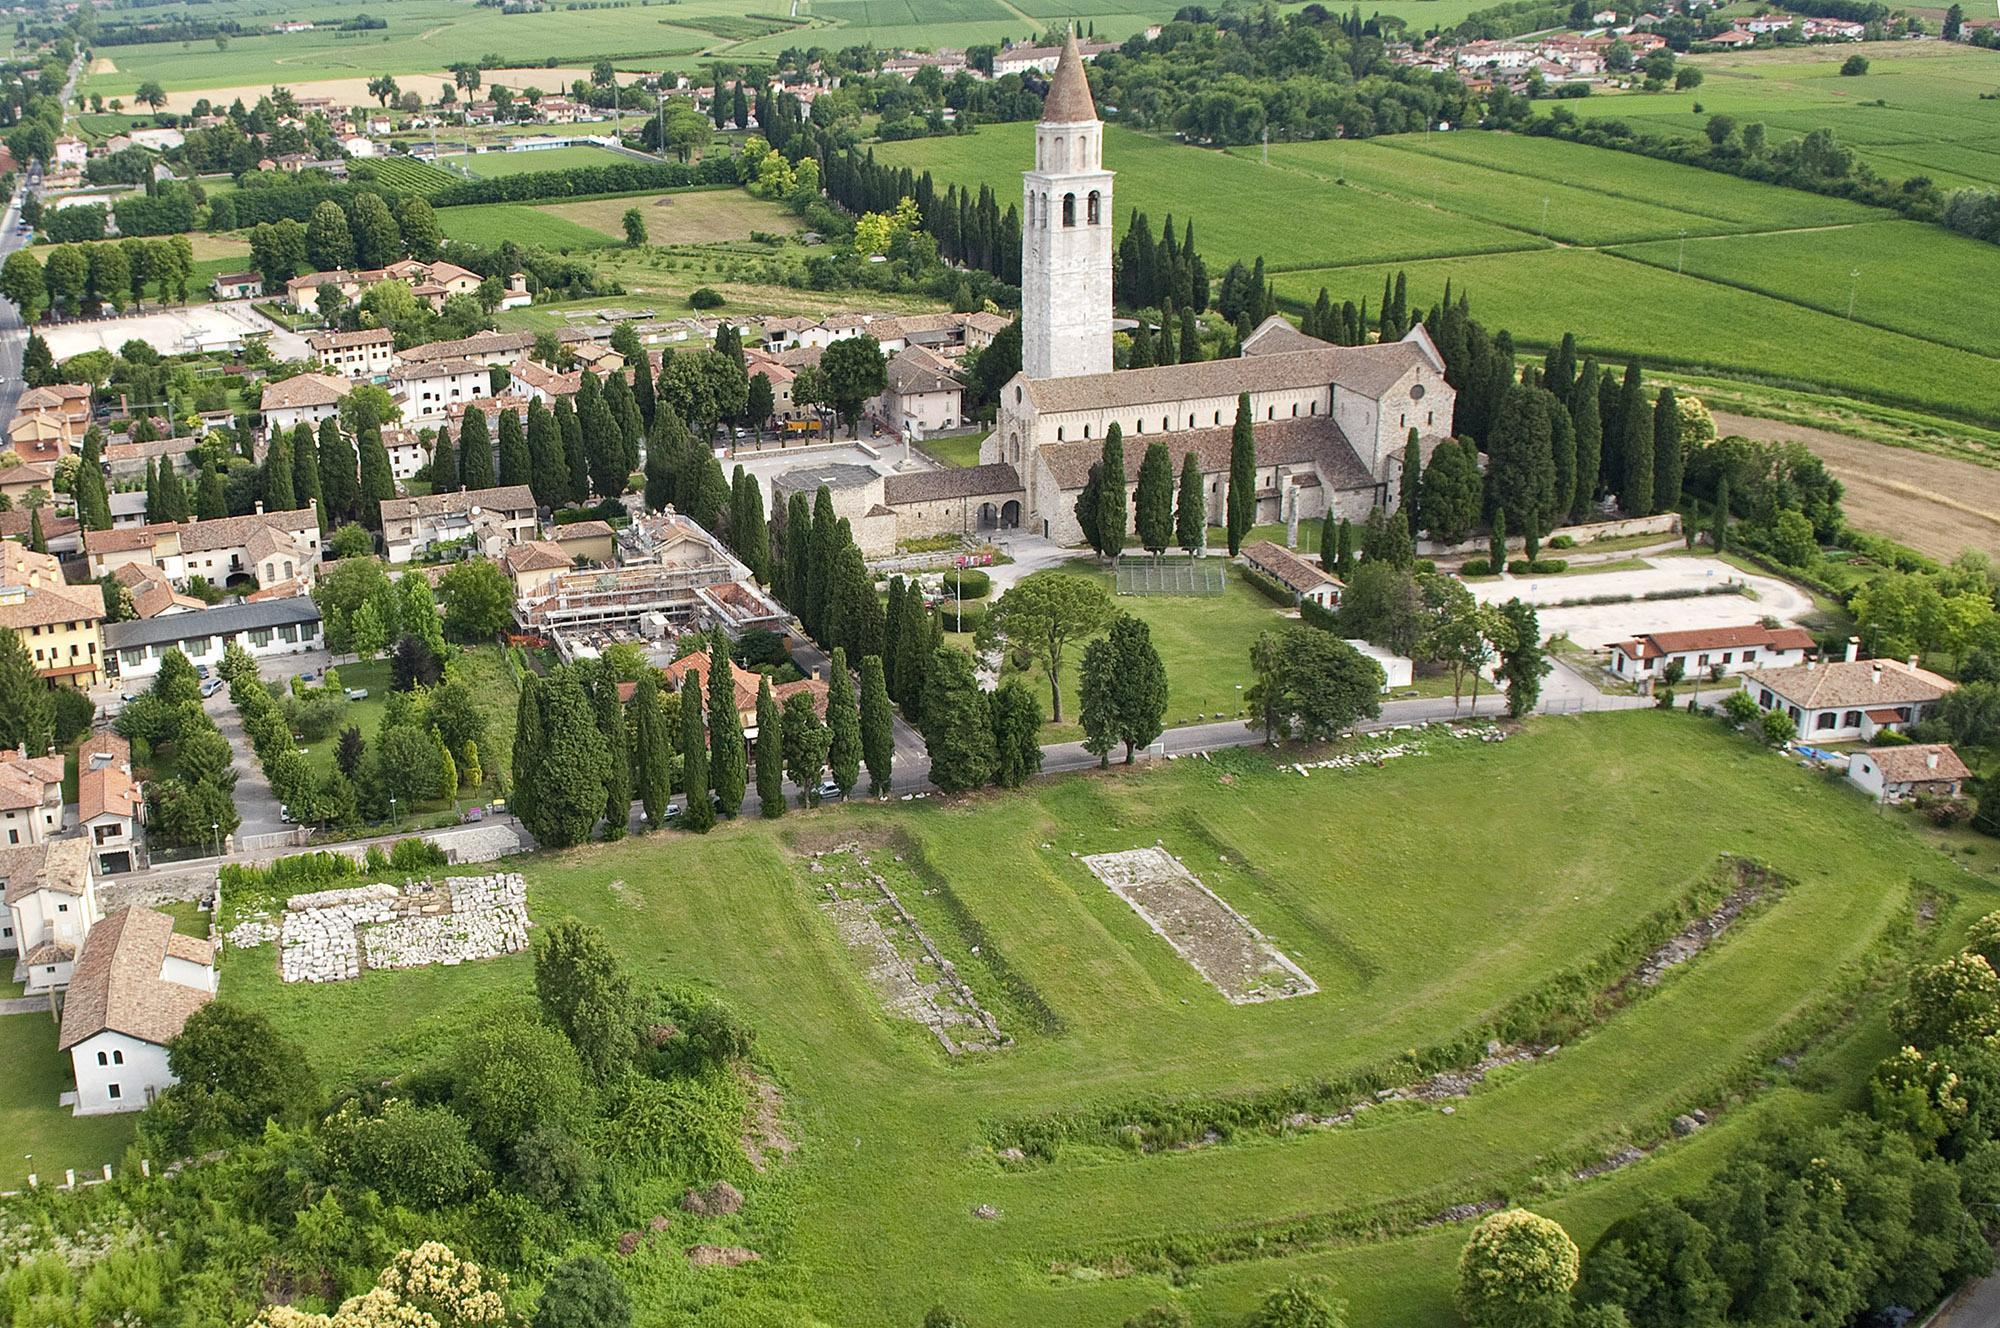 鸟瞰阿奎拉的历史中心,这里在1998年被联合国教科文组织评为世界遗产。长方形教堂和遗址区是意大利最重要的古罗马遗址的一部分。– © Gianluca Baronchelli